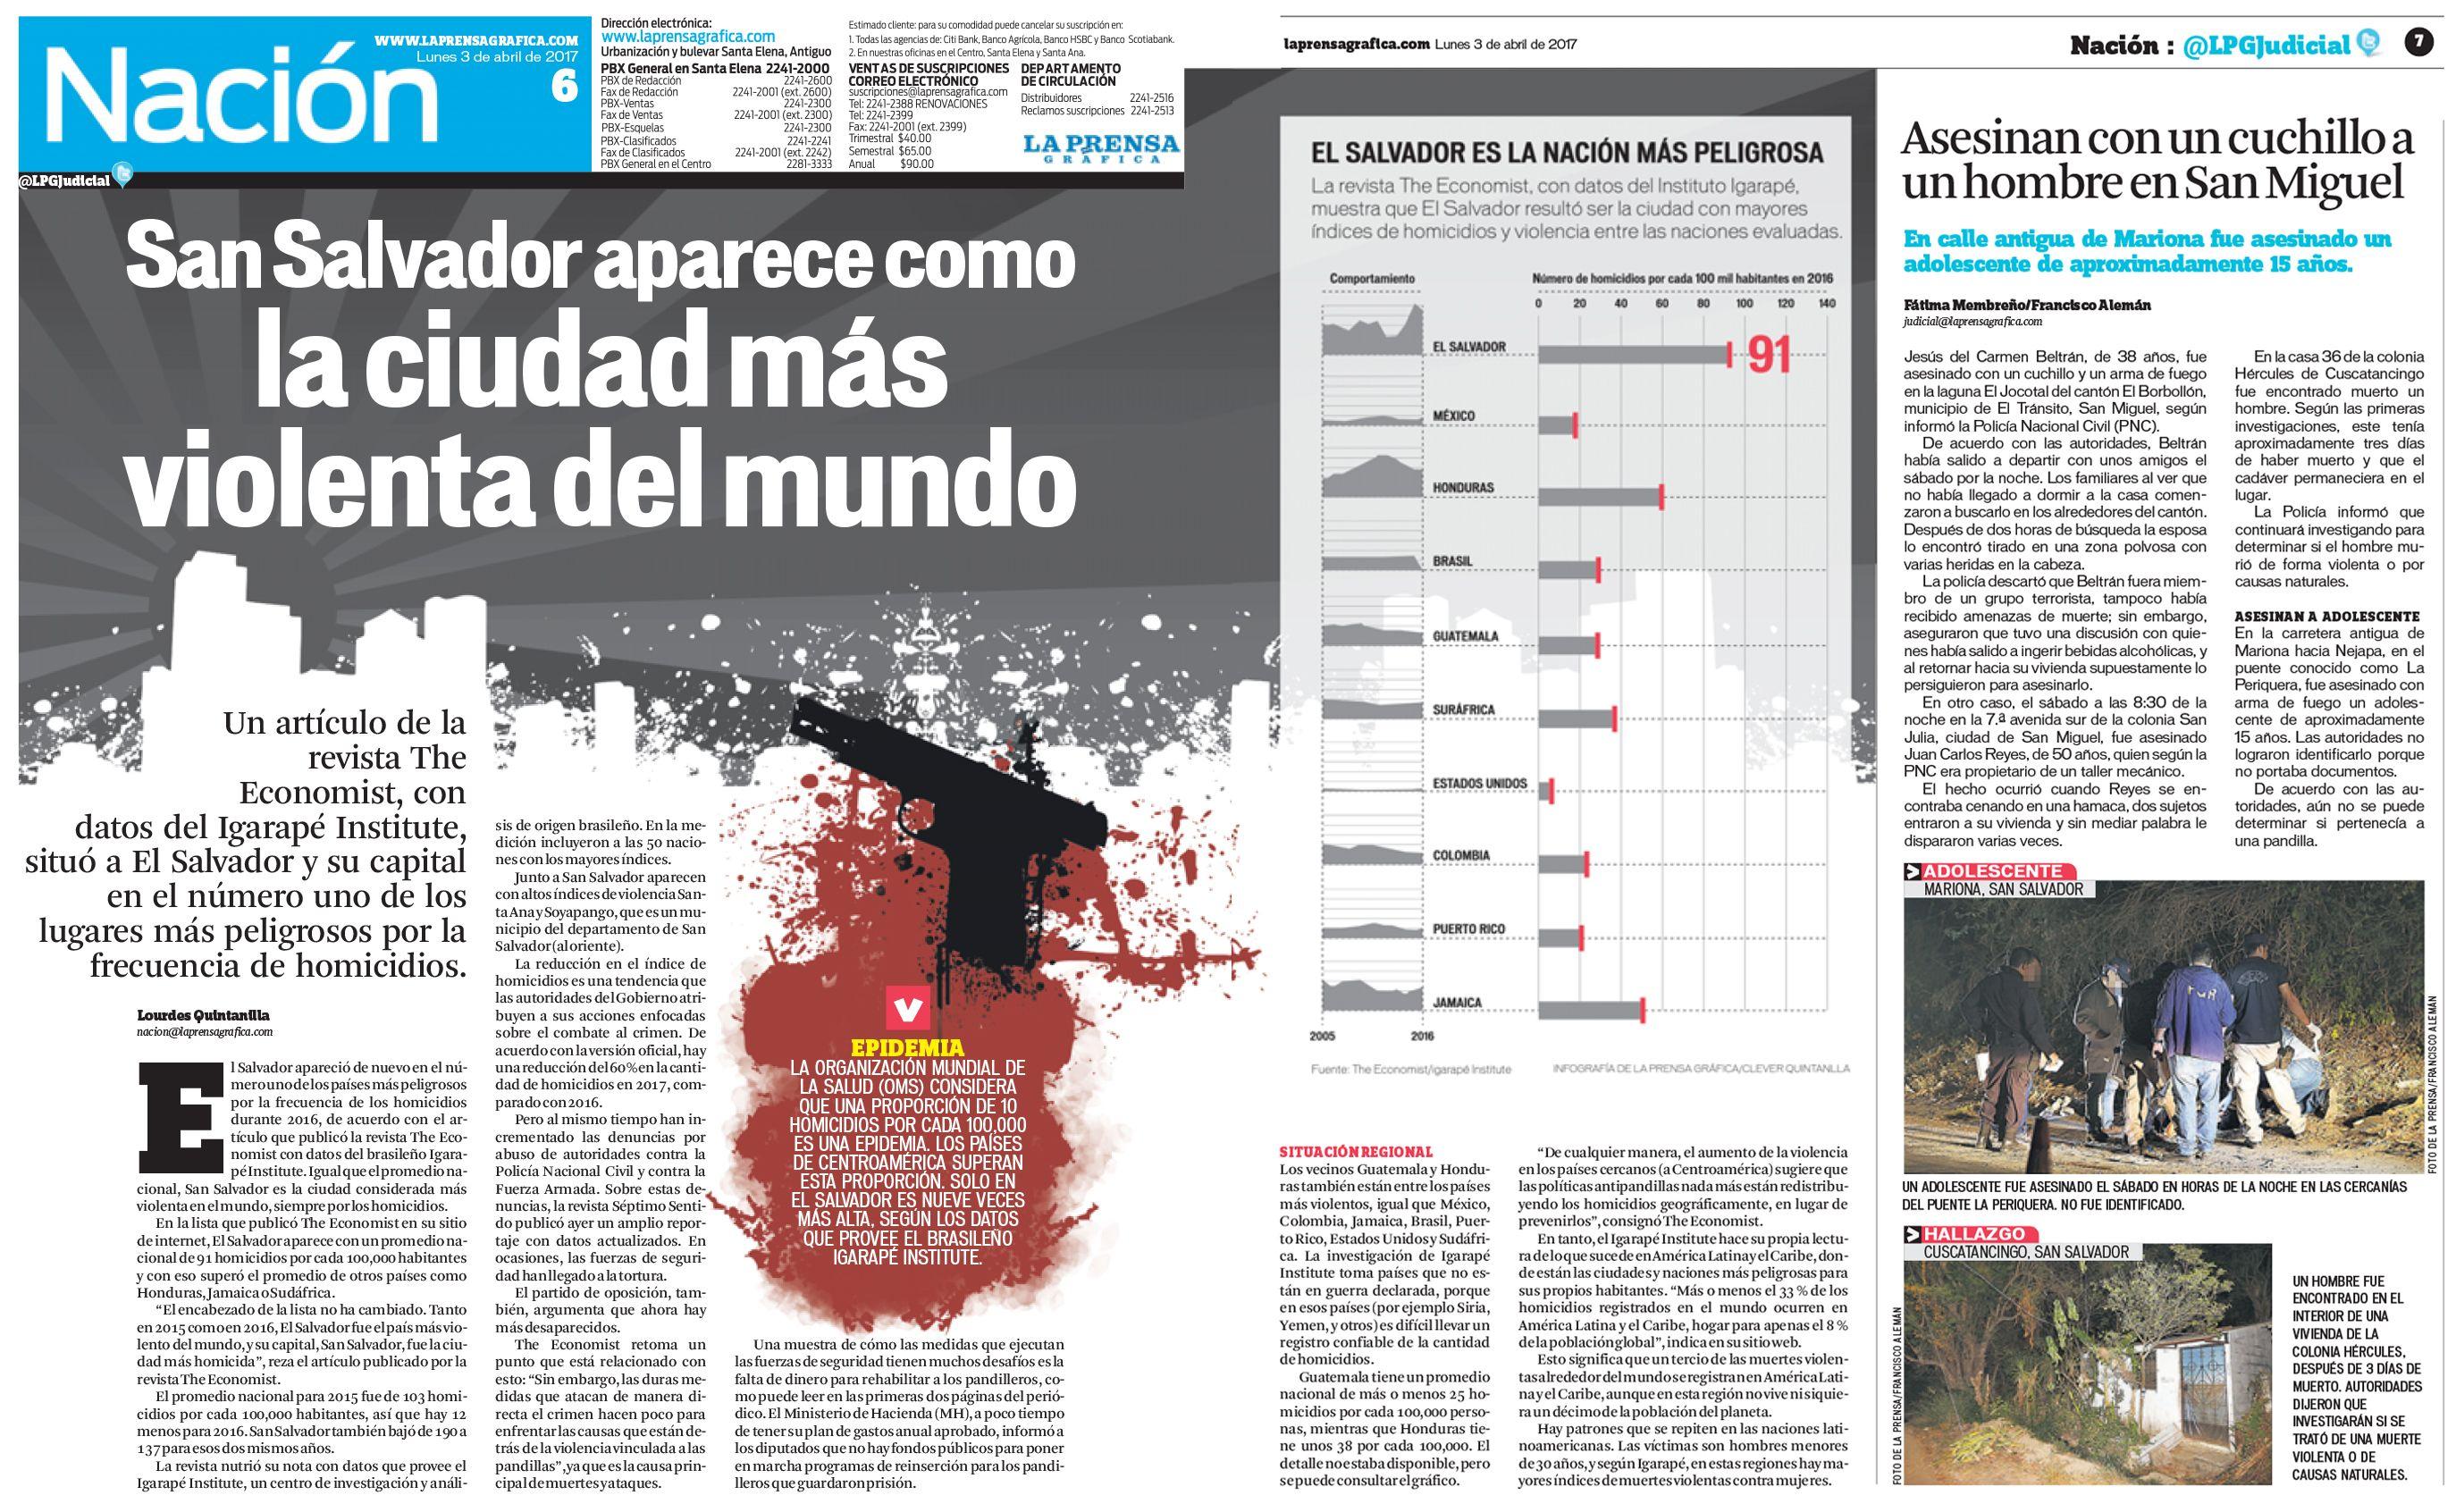 San Salvador aparece como la ciudad más violenta del mundo   Un artículo de la revista The Economist, con datos del Igarapé Institute, situó a El Salvador y su capital en el número uno de los lugares más peligrosos por la frecuencia de homicidios.